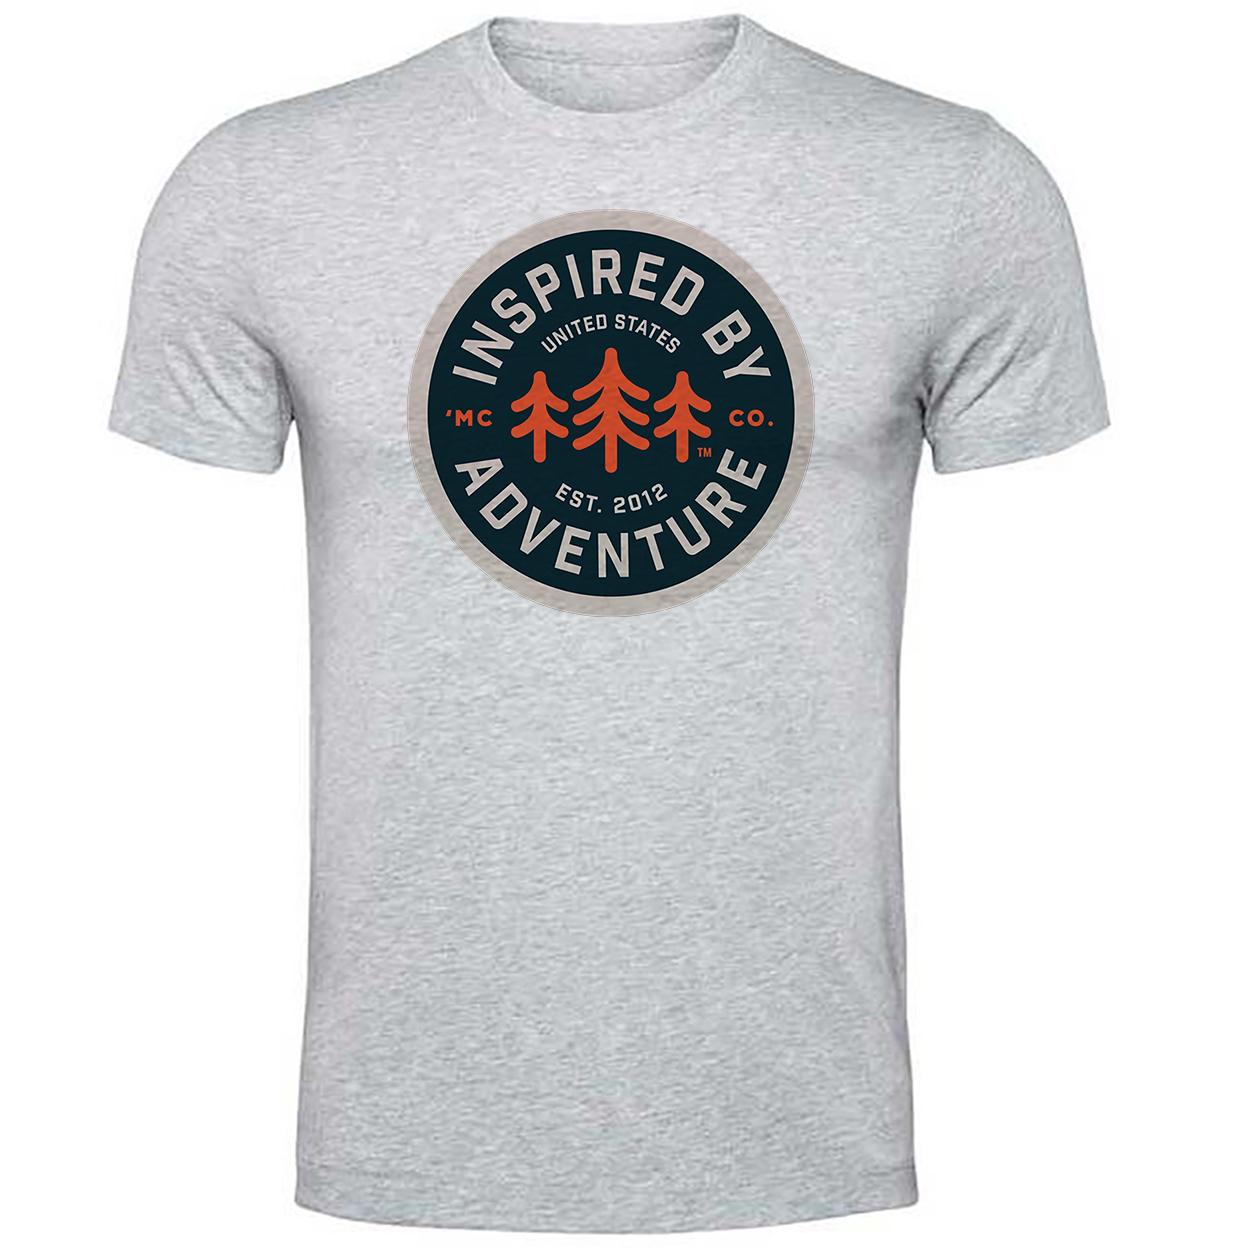 تی شرت مردانه   طرح کمپینگ   کد kamp33